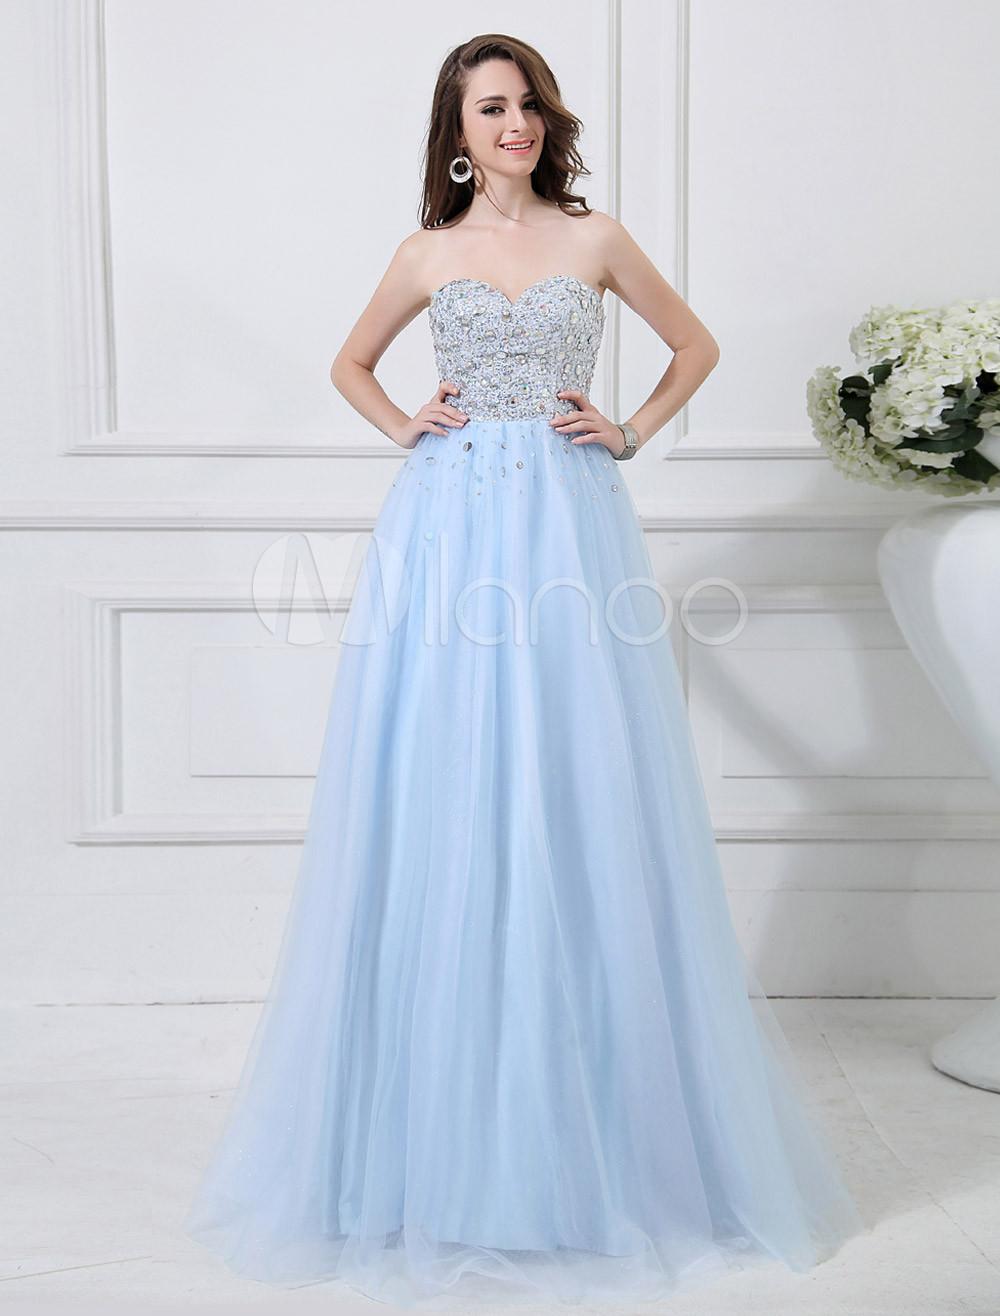 Vestiti Eleganti Azzurri.Vestito Da Gala Azzurro Elegante In Tulle Con Perline Con Scollo A Cuore A Terra